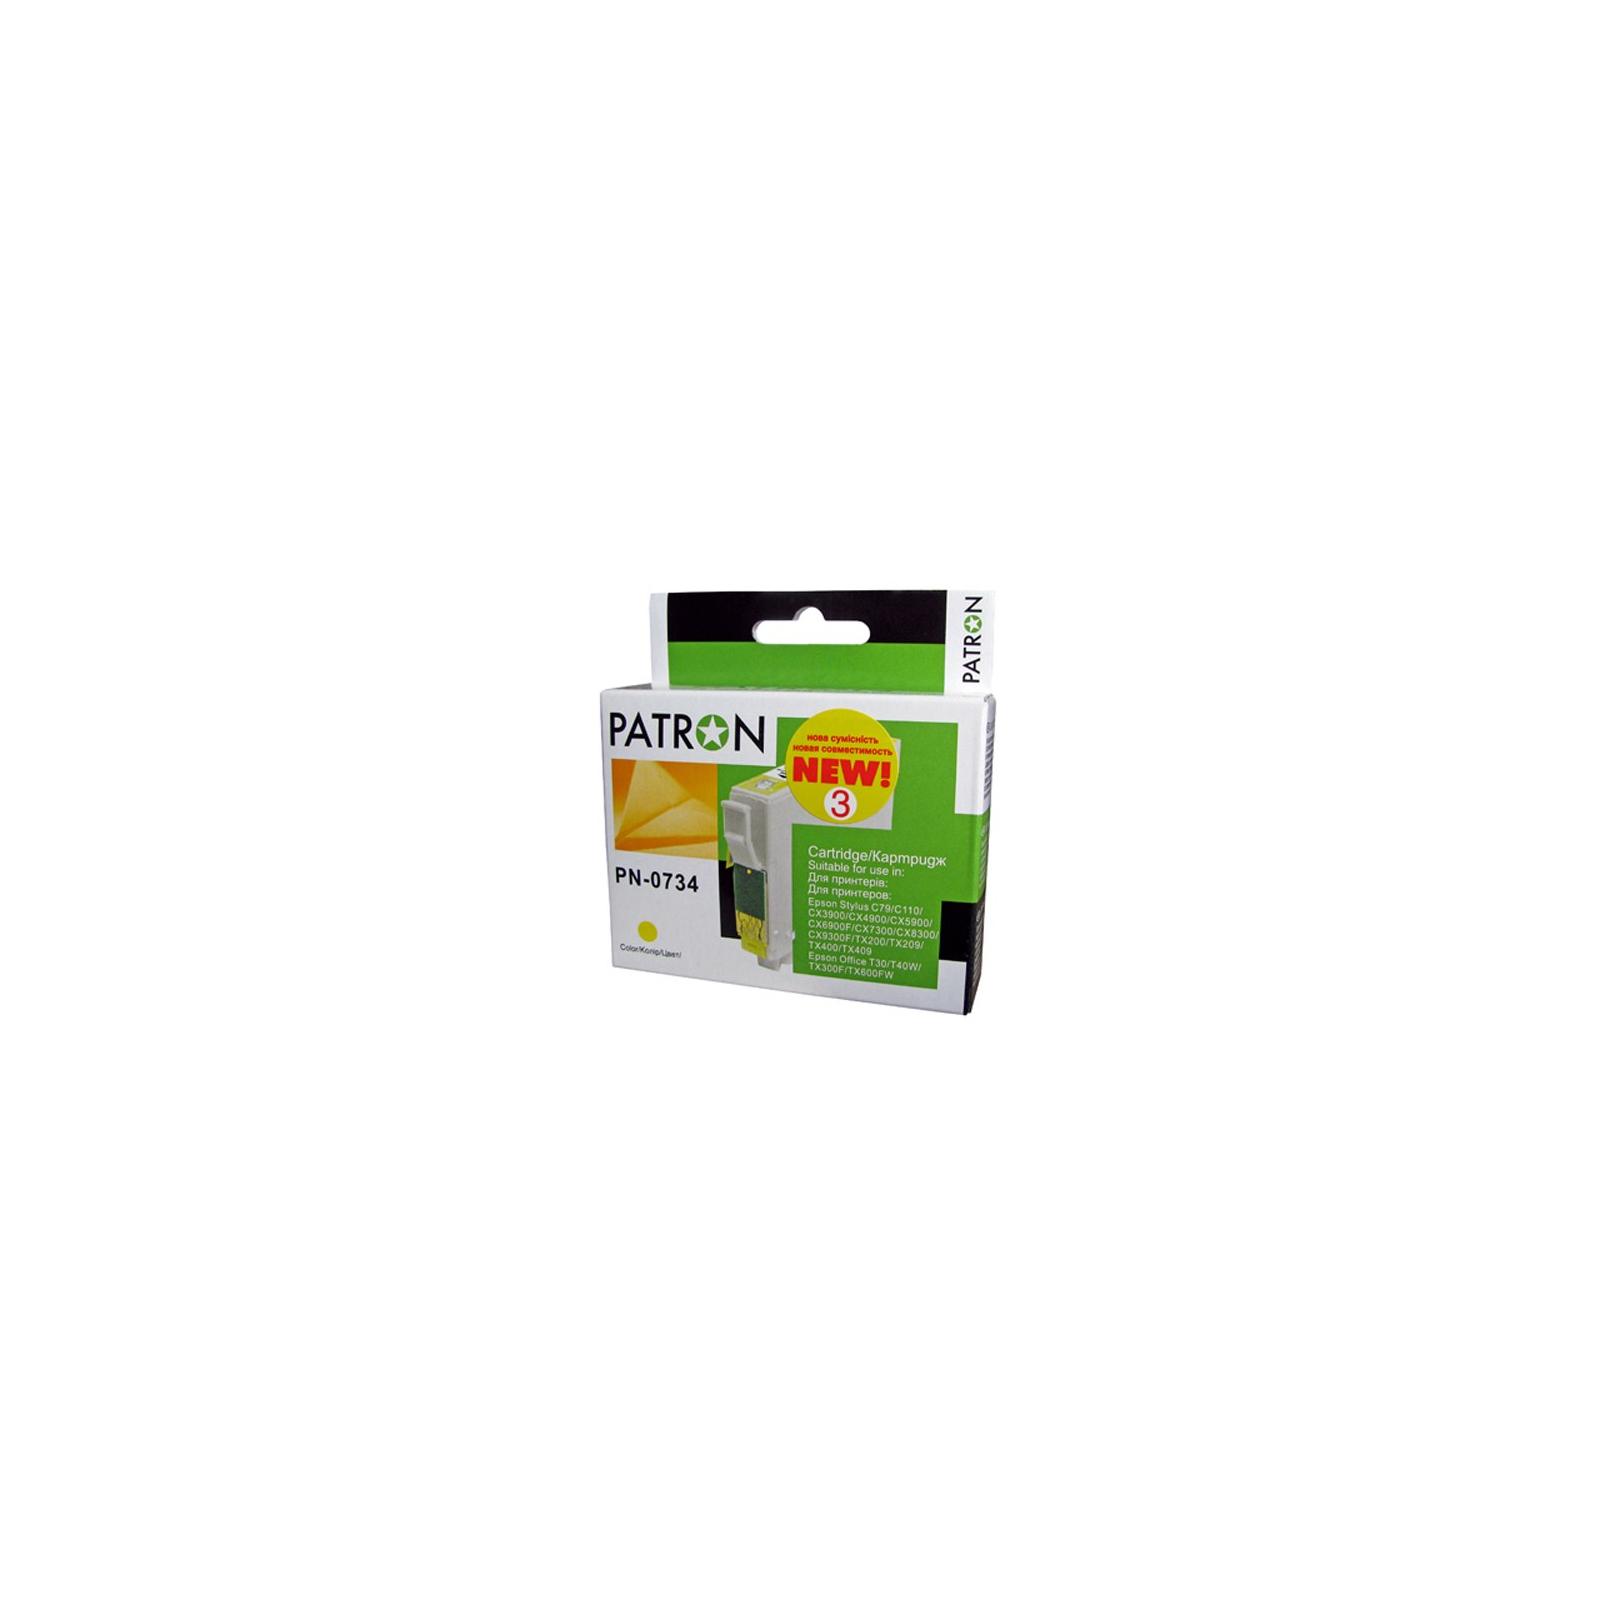 Картридж PATRON для EPSON C79/C110/TX200 yellow (CI-EPS-T07344-Y3-PN)